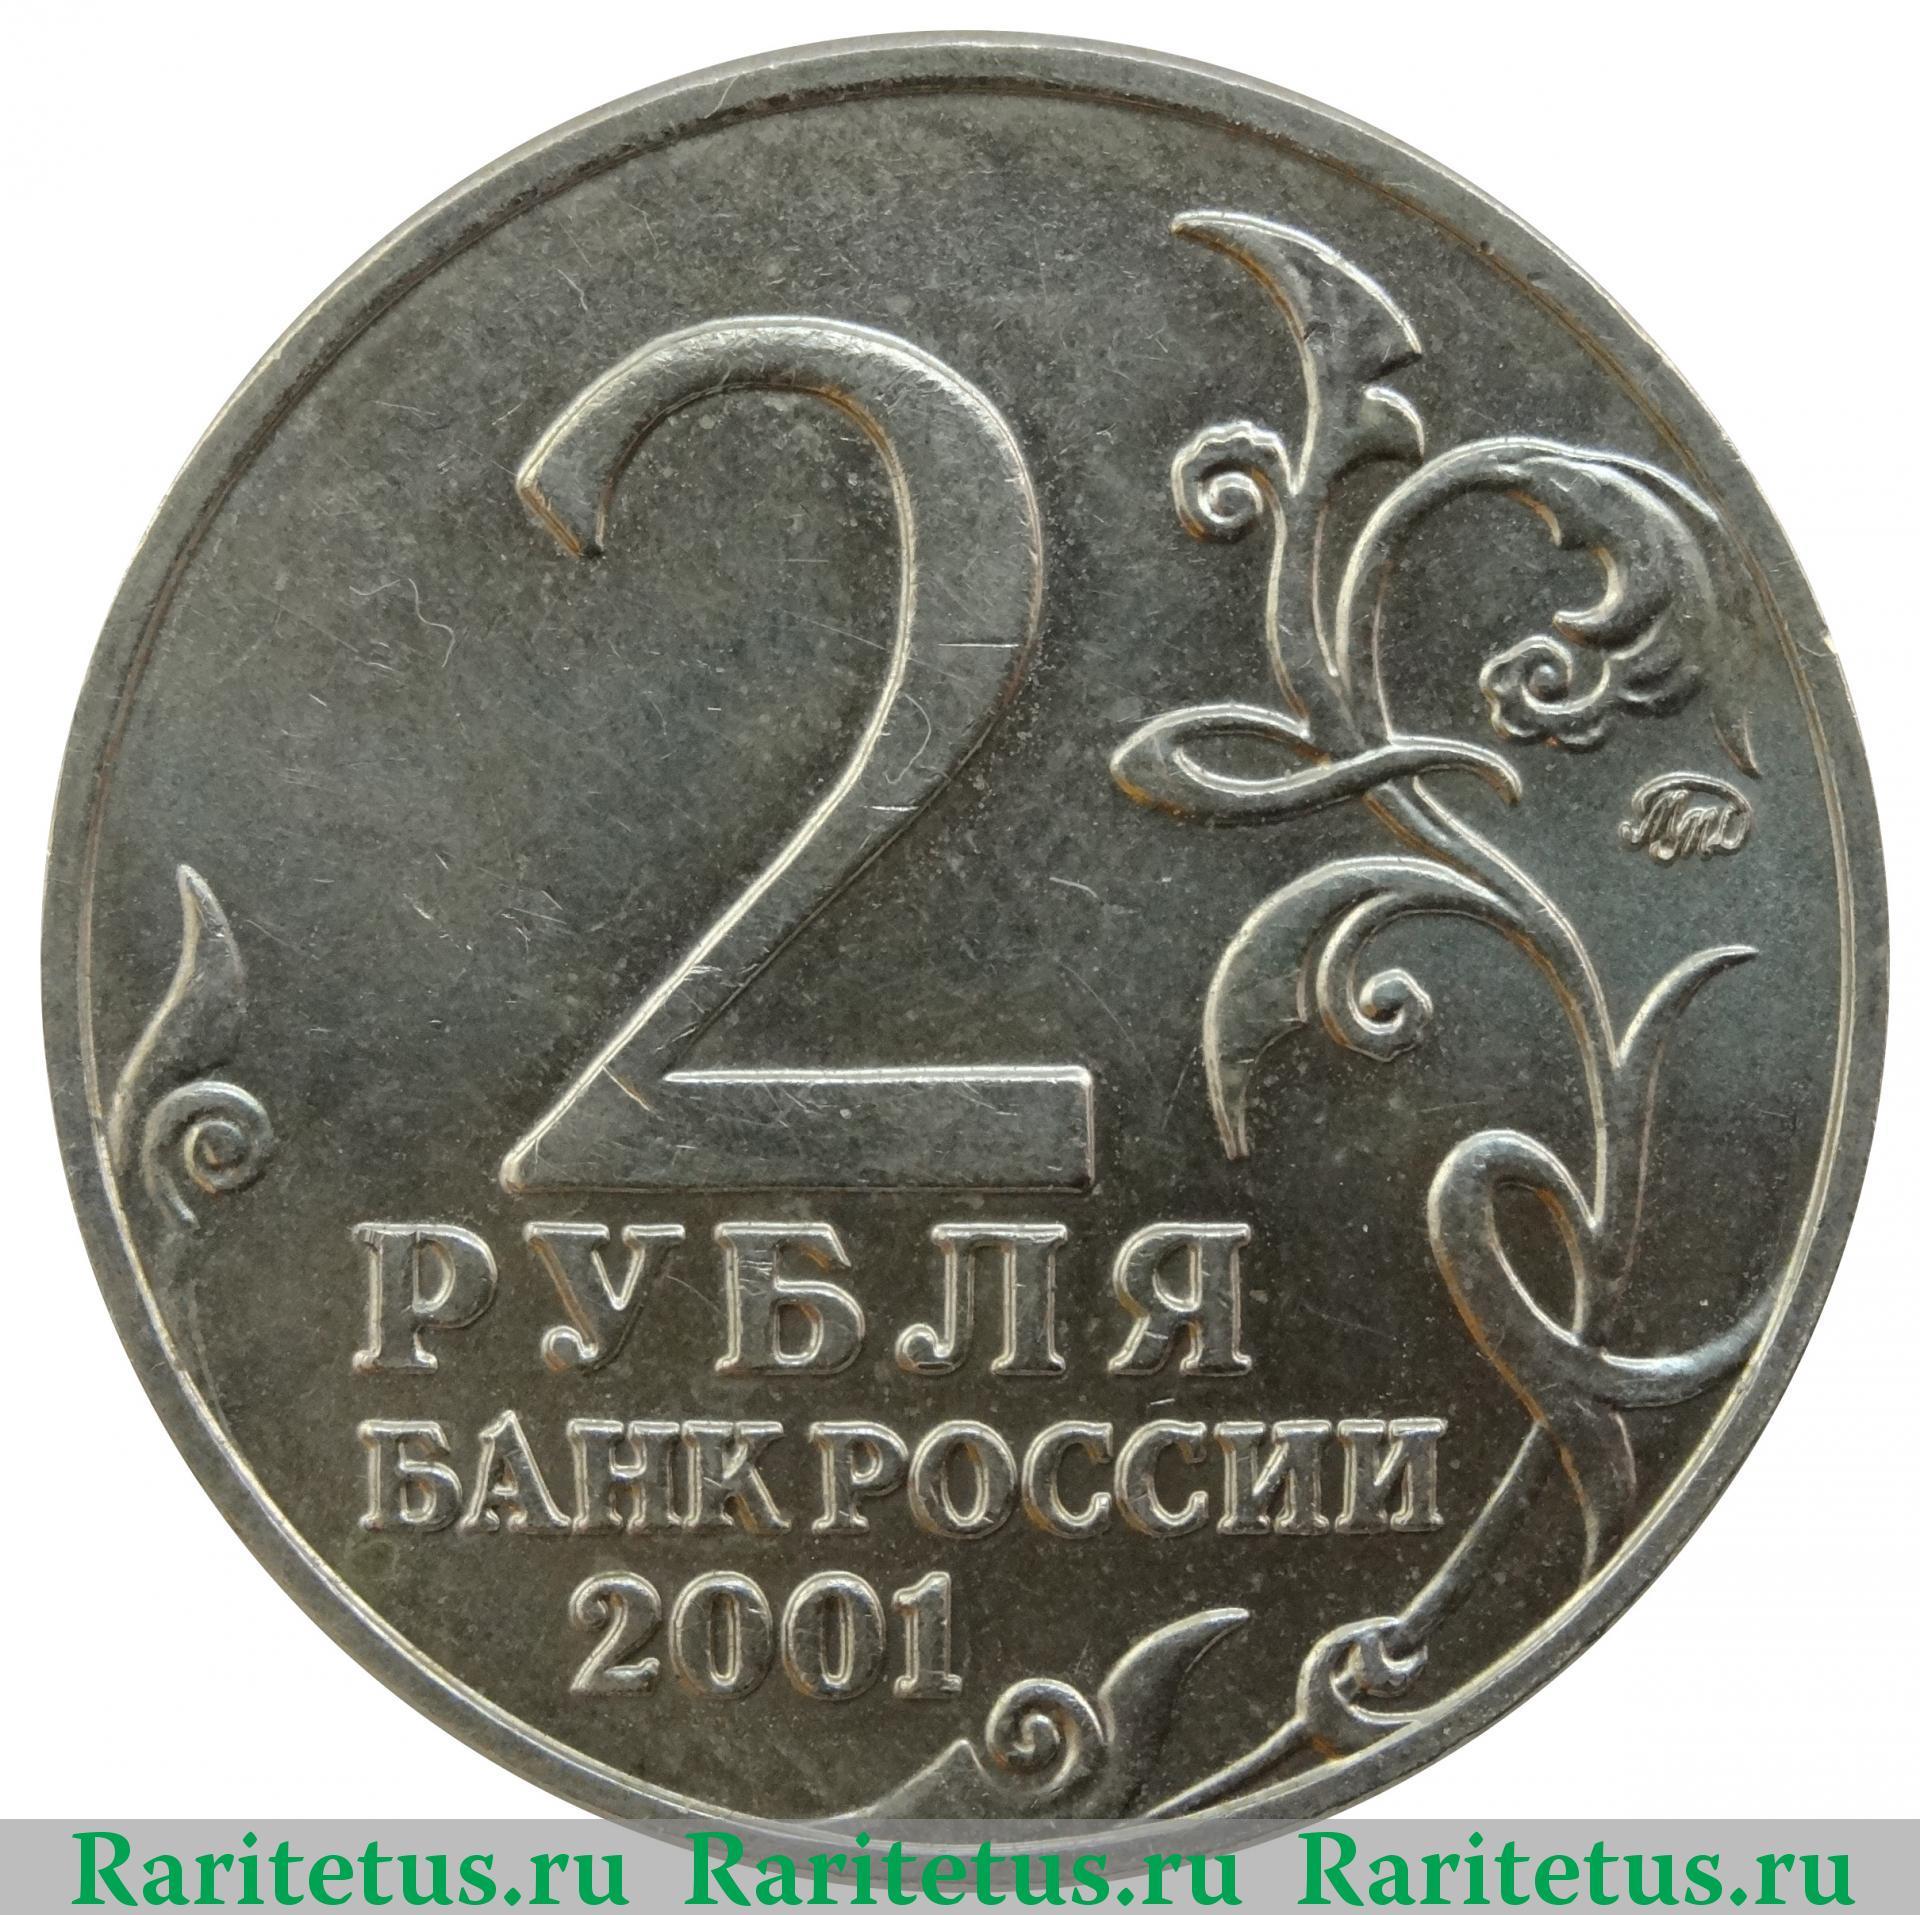 2 рубля с гагариным со знаком монетного двора